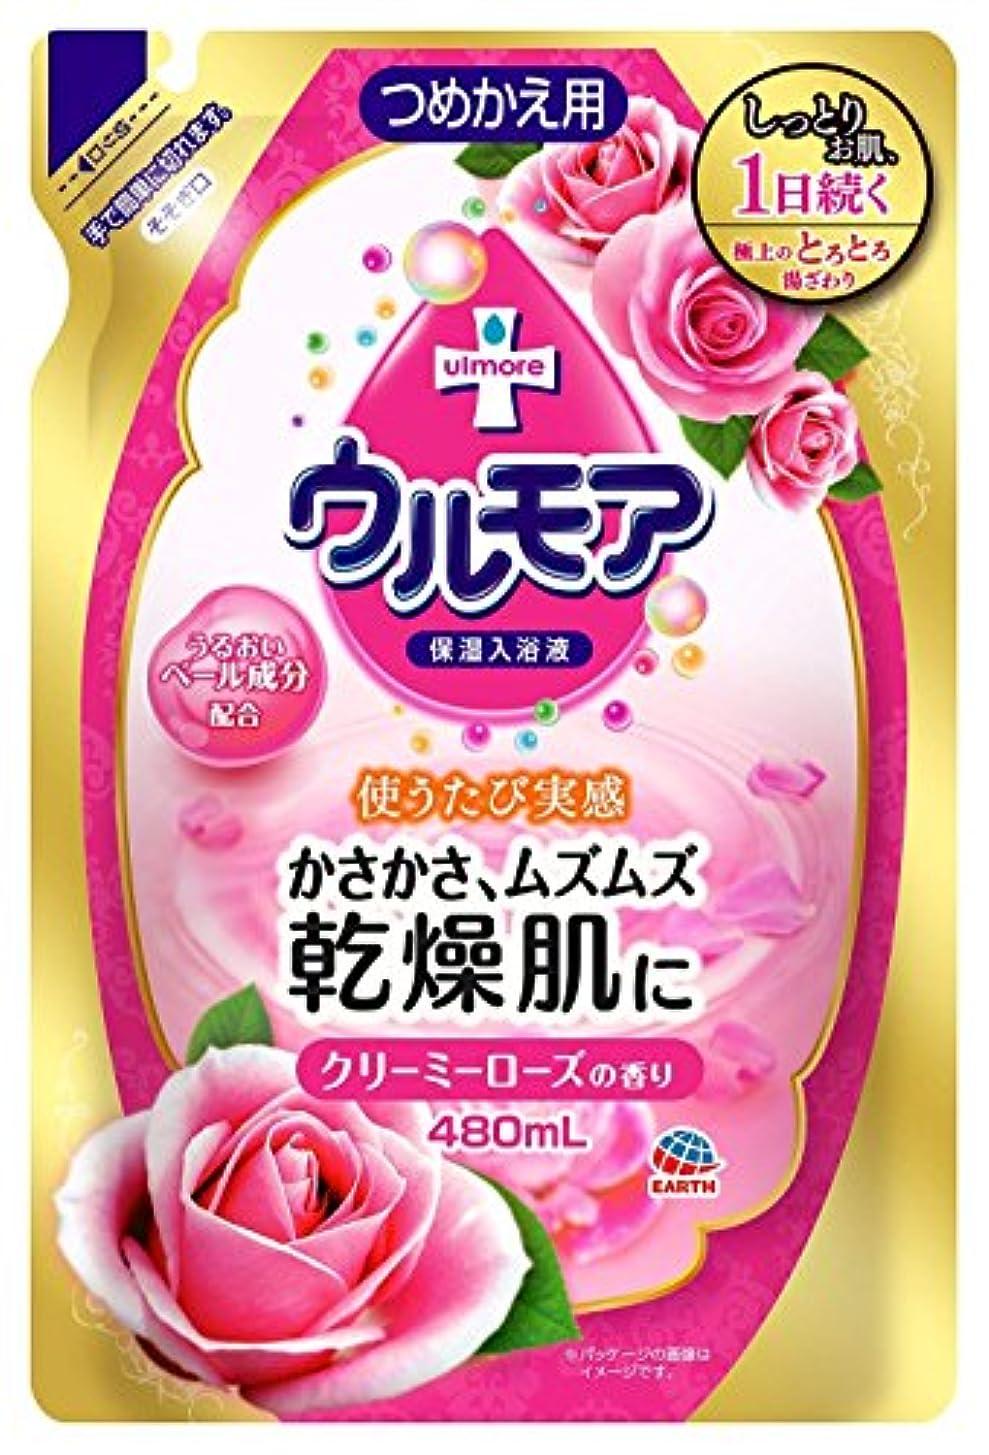 【アース製薬】保湿入浴液ウルモアクリーミーローズの香り 詰替え用 480ml ×5個セット